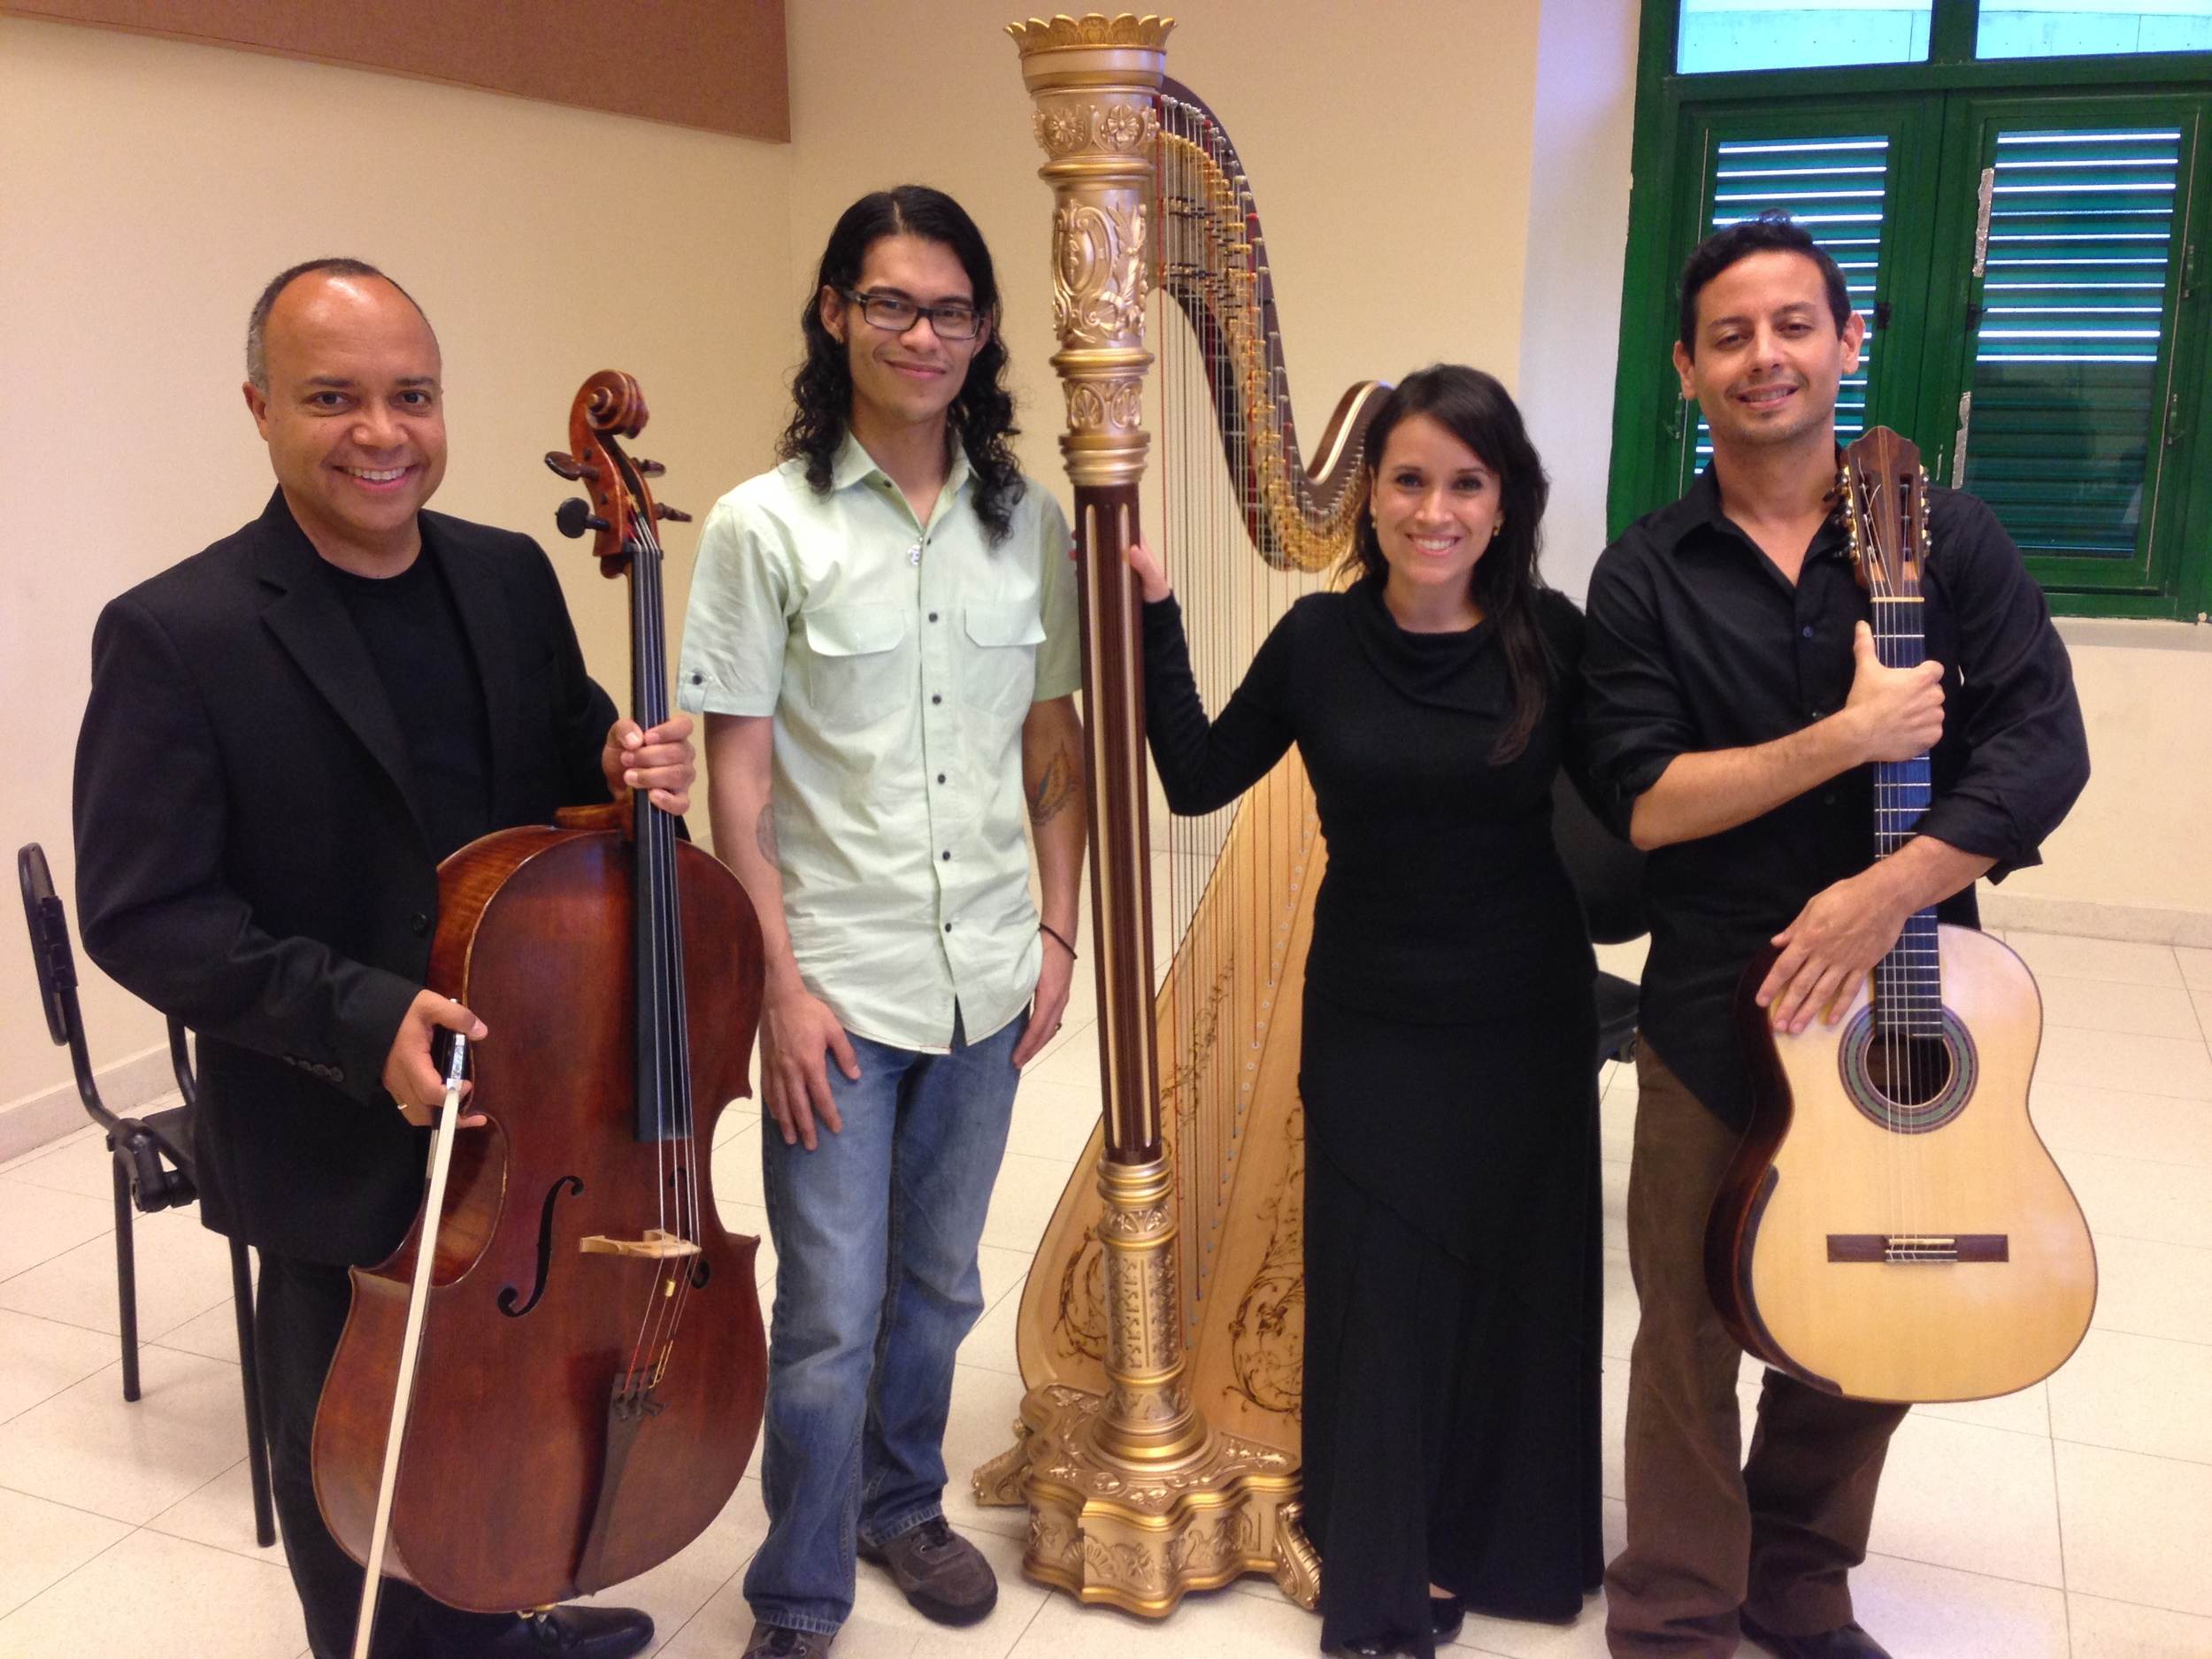 Junto a Luis Miguel Rojas, Iván Enrique Rodríguez y Ramsué López en la grabación de Exodo II.